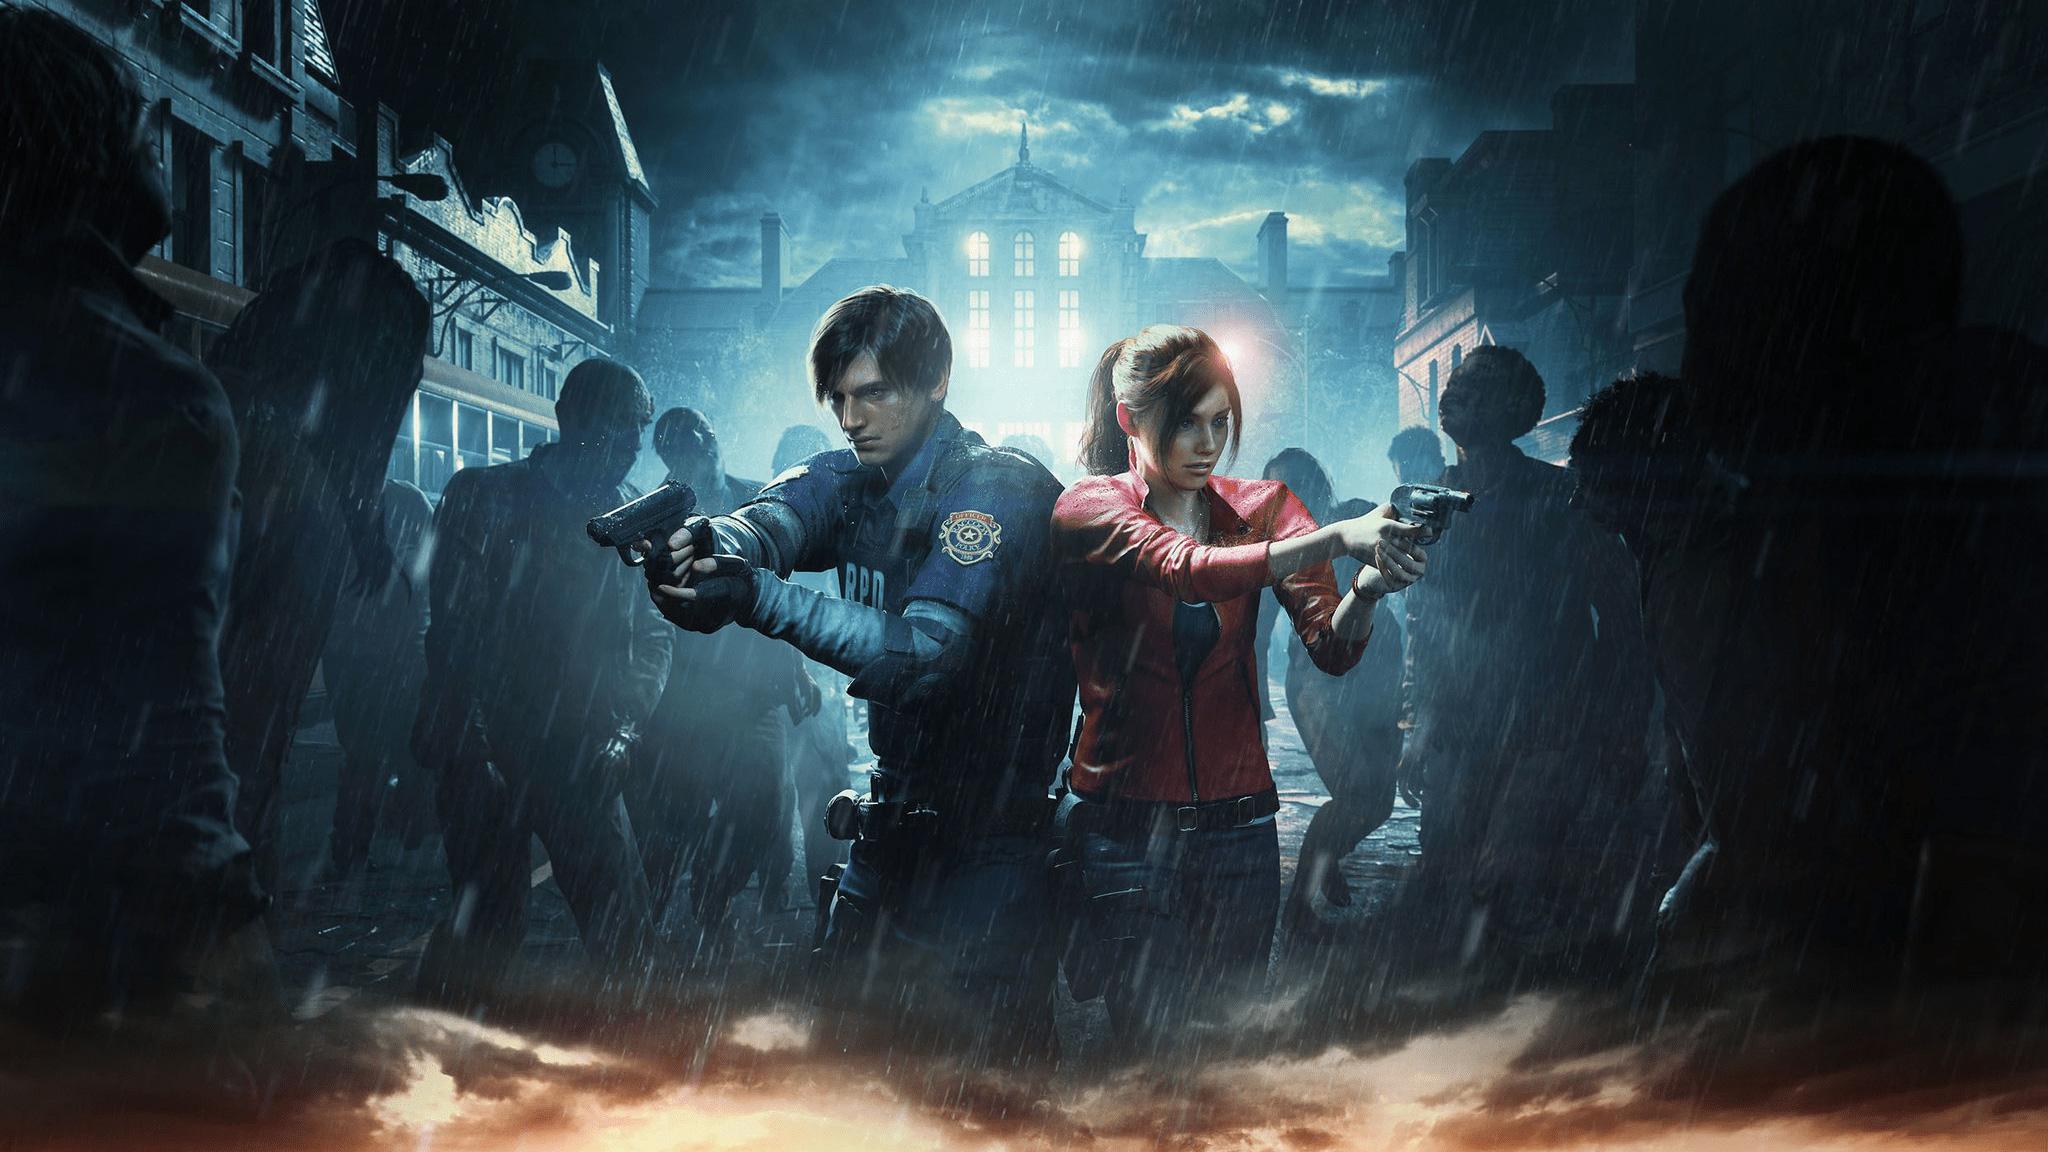 Resident Evil 2 Wallpaper: Resident Evil 2 Official Art 2019, HD Games, 4k Wallpapers